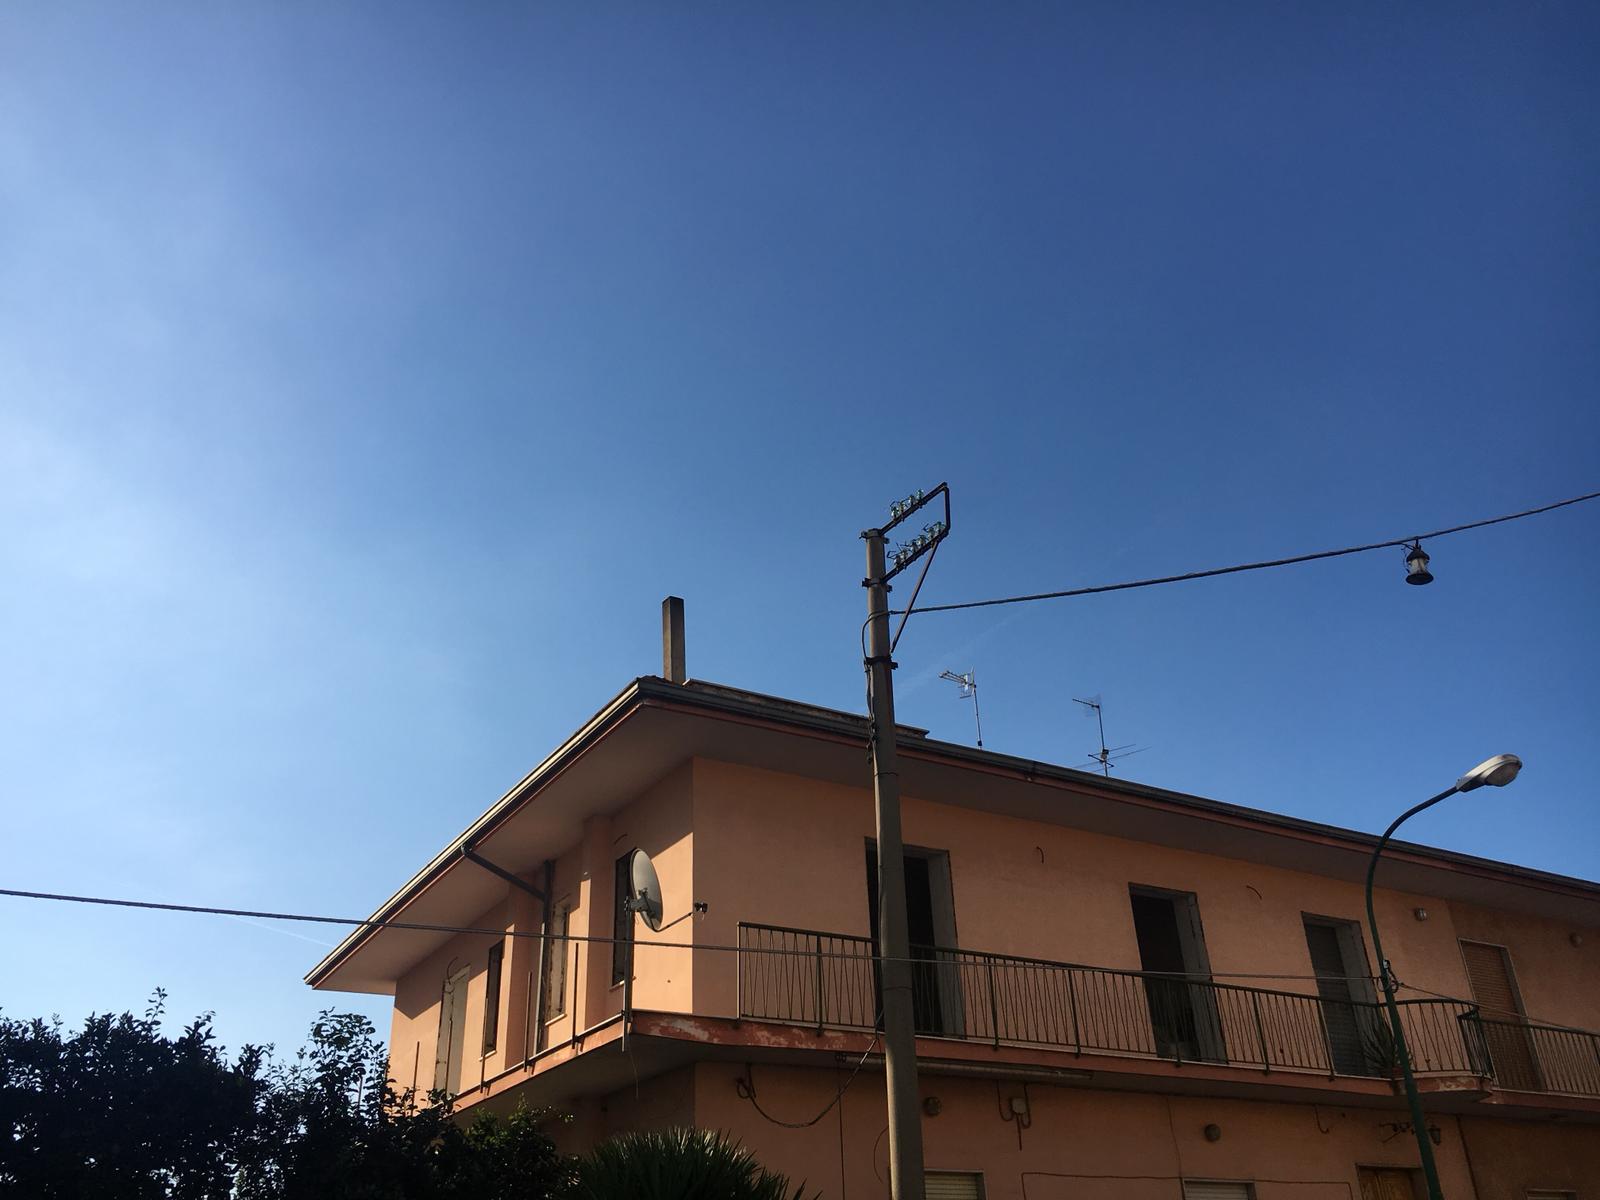 Appartamento in vendita a Nola, 4 locali, zona Zona: Piazzolla, prezzo € 90.000   CambioCasa.it